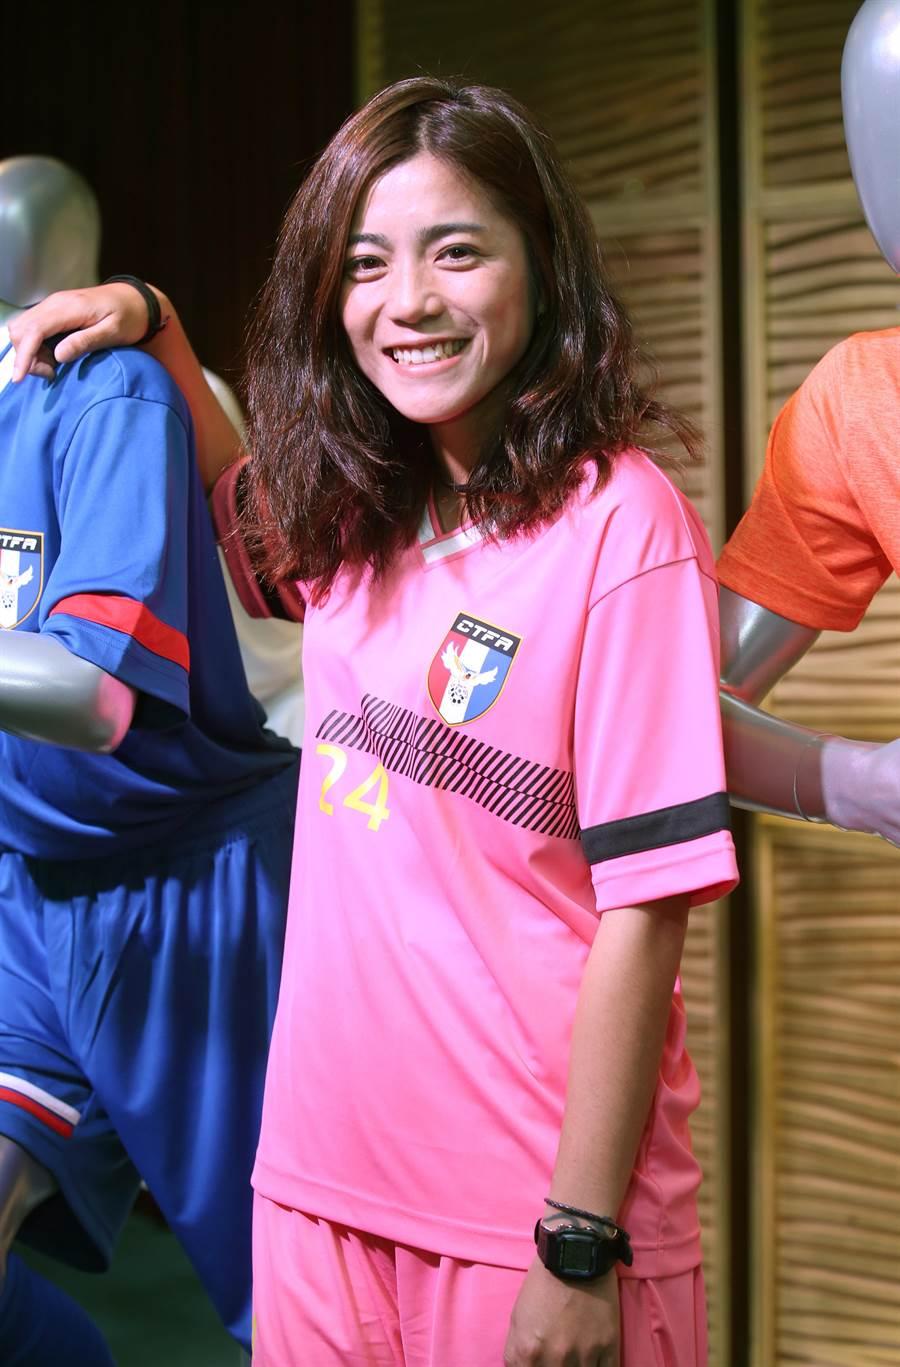 女足「甜心后卫」张愫心在记者会穿出的粉红色球衣,最后由中华男足率先穿着出赛。